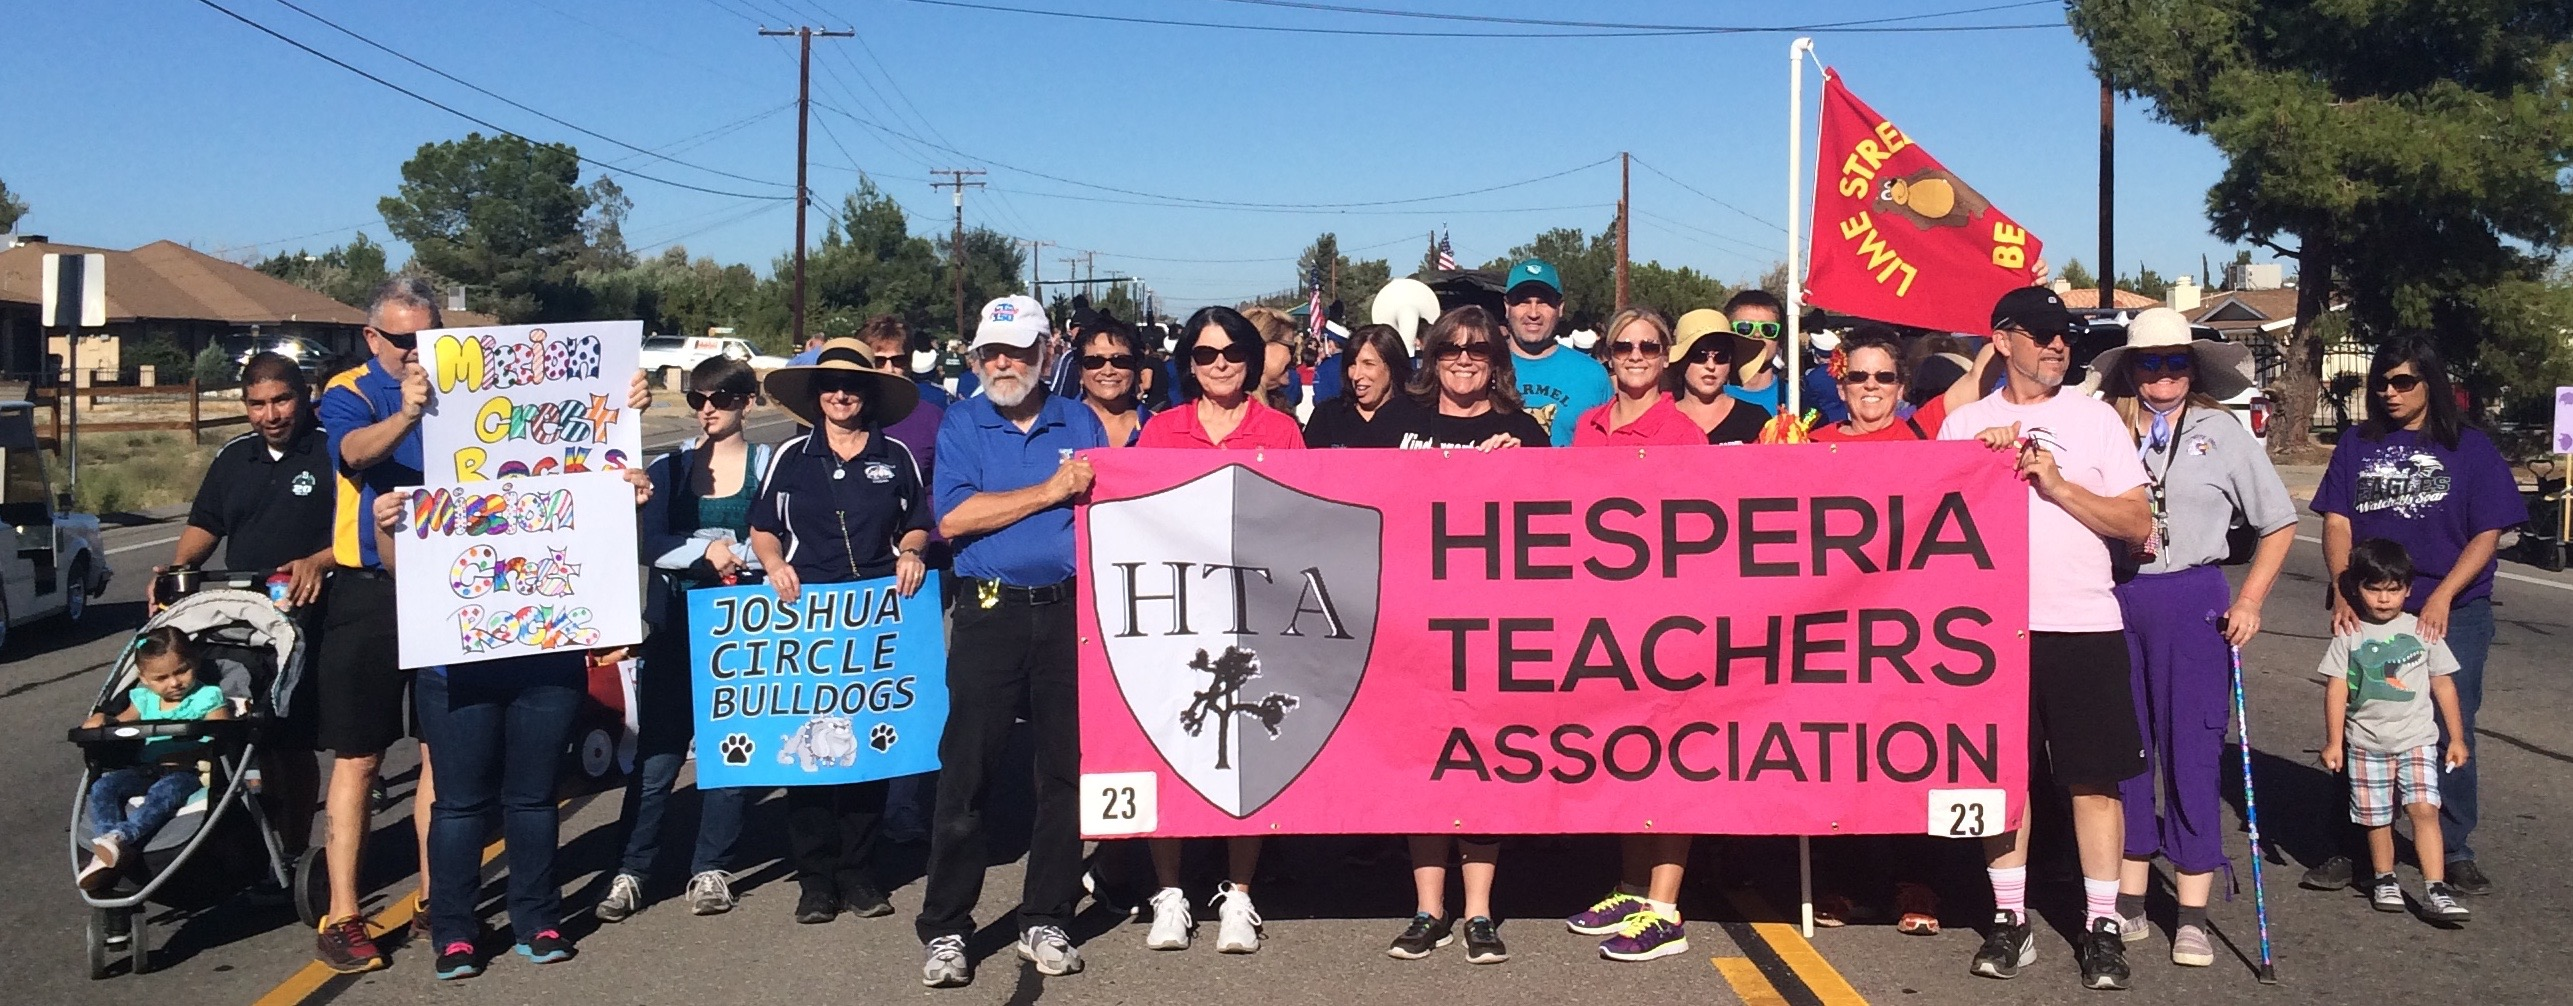 Hesperia Days Parade